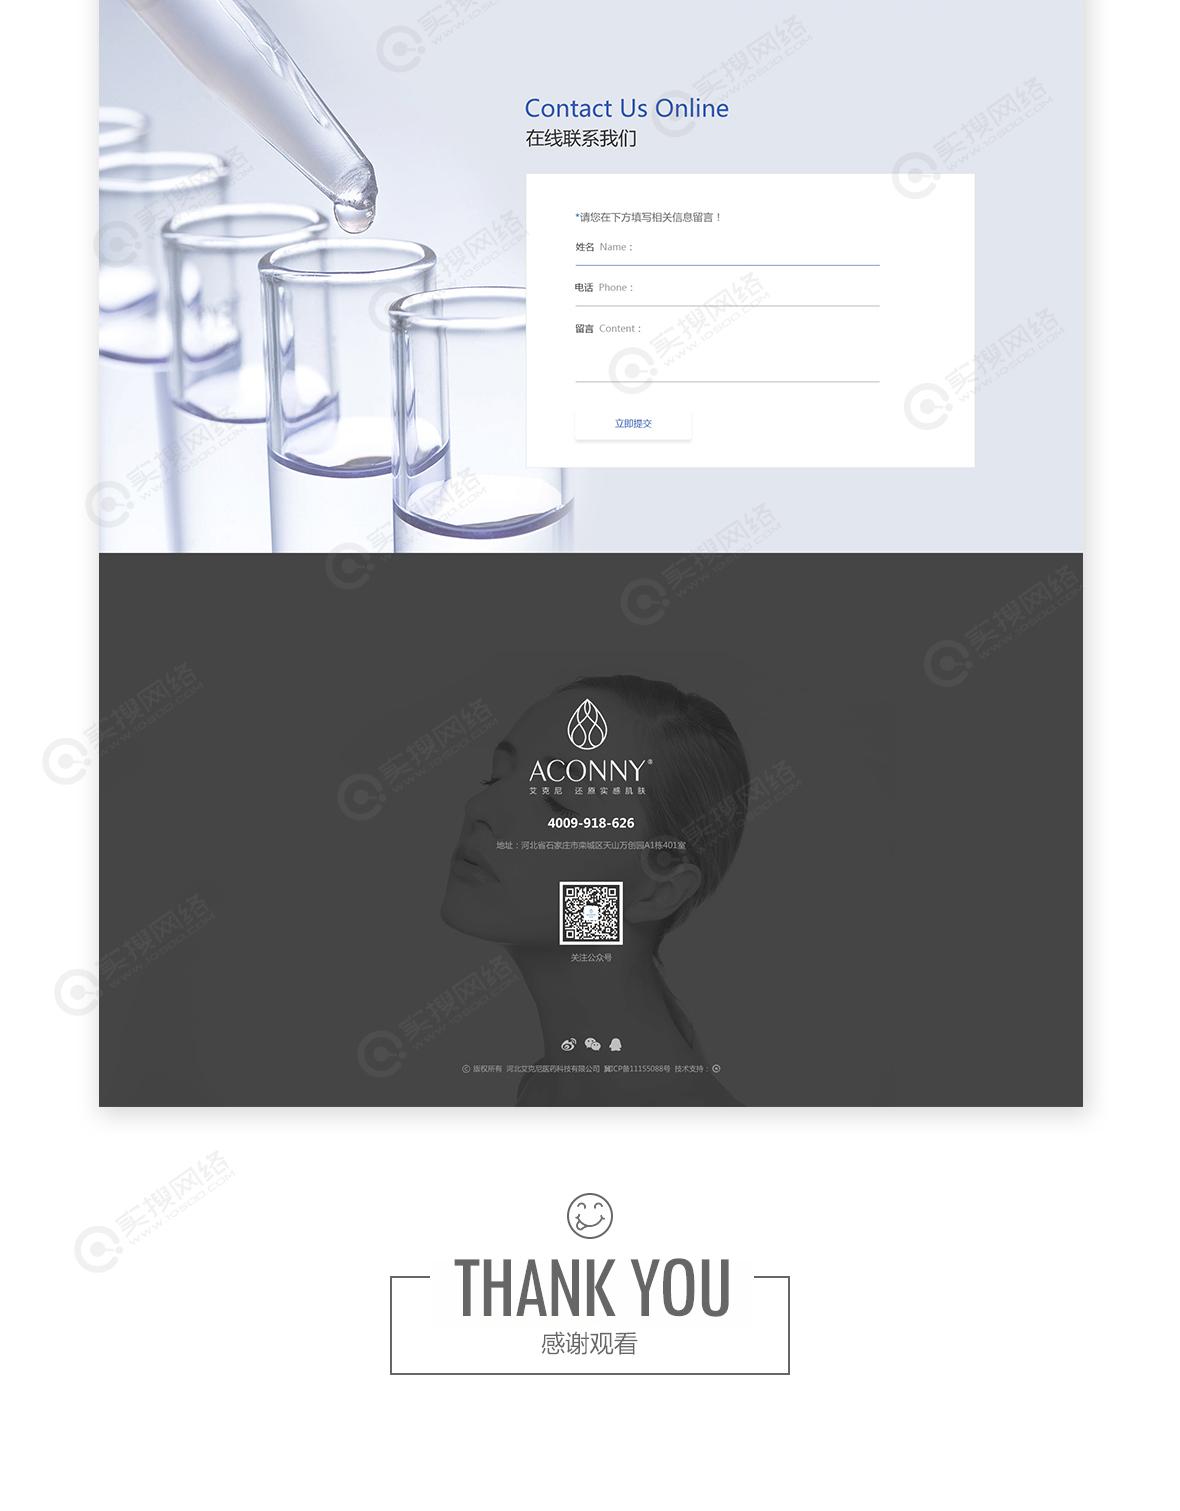 艾克尼化妆品网站定制设计建设